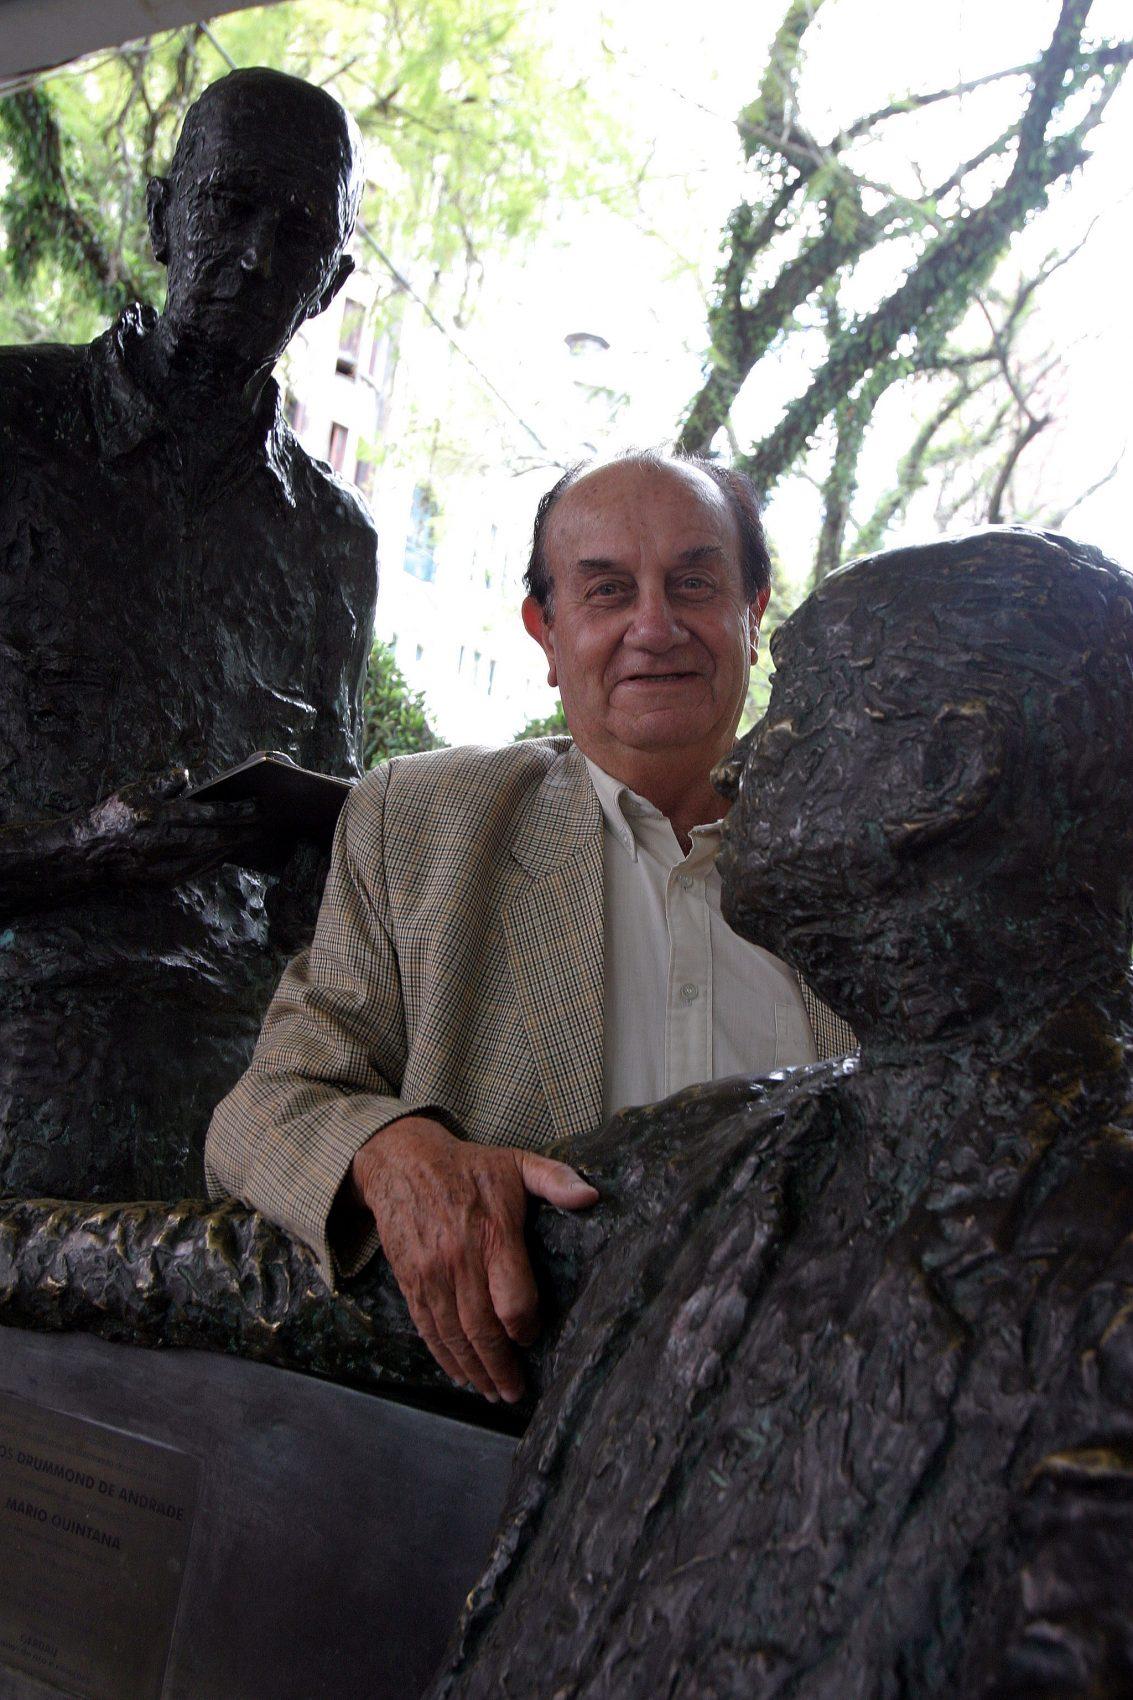 Em 2003, Galvani divertia-se entre Drummond e Quintana, na Praça da Alfândega durante entrevista